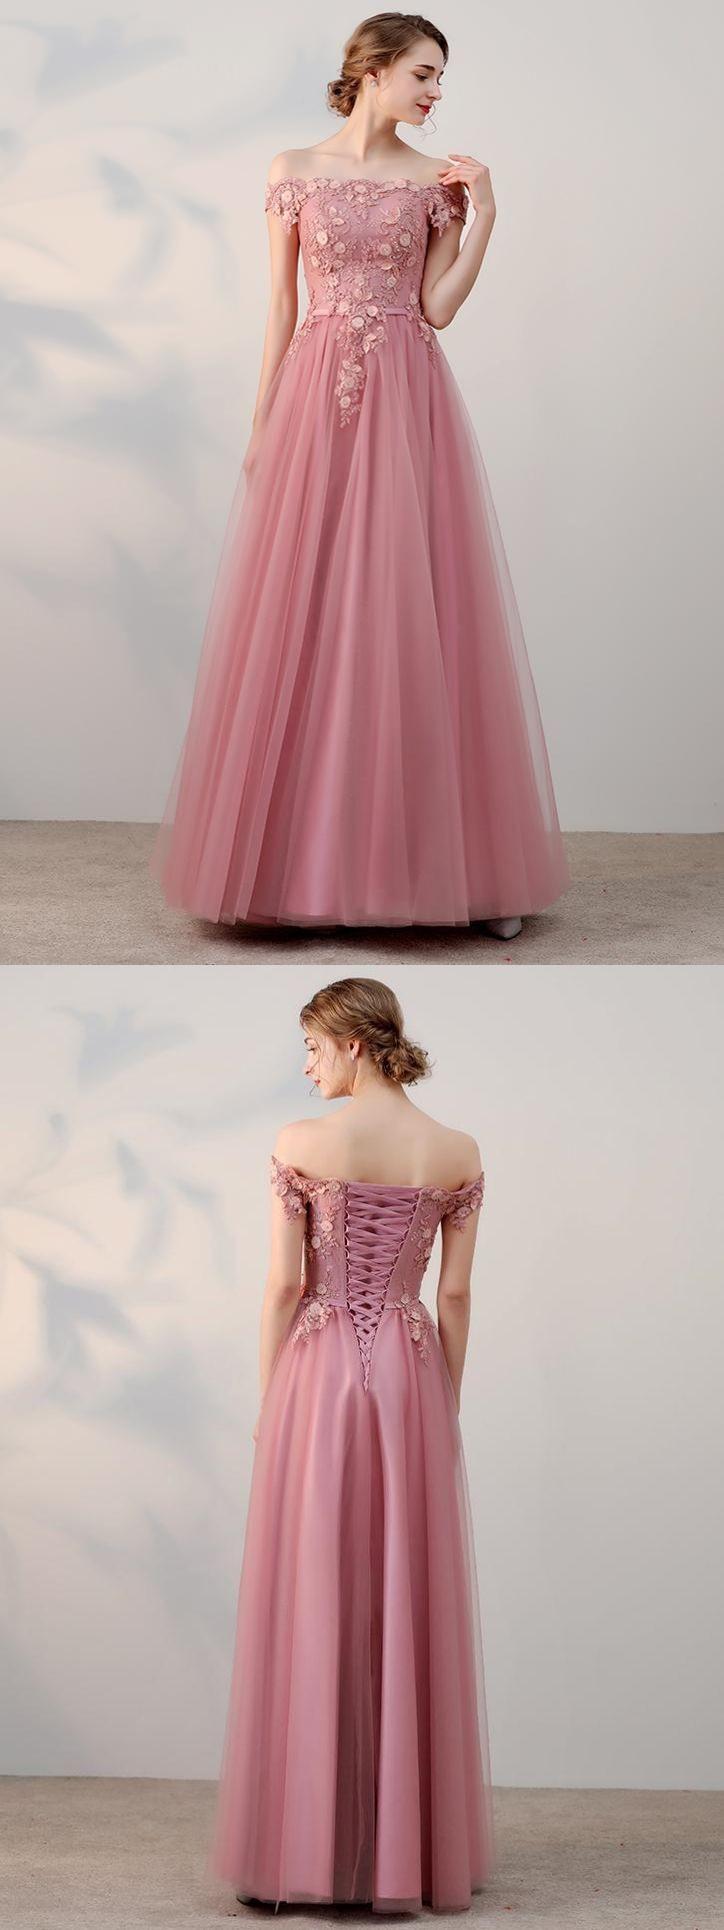 10 Luxus Abendkleid Carmen Ausschnitt Lang für 201910 Coolste Abendkleid Carmen Ausschnitt Lang Stylish